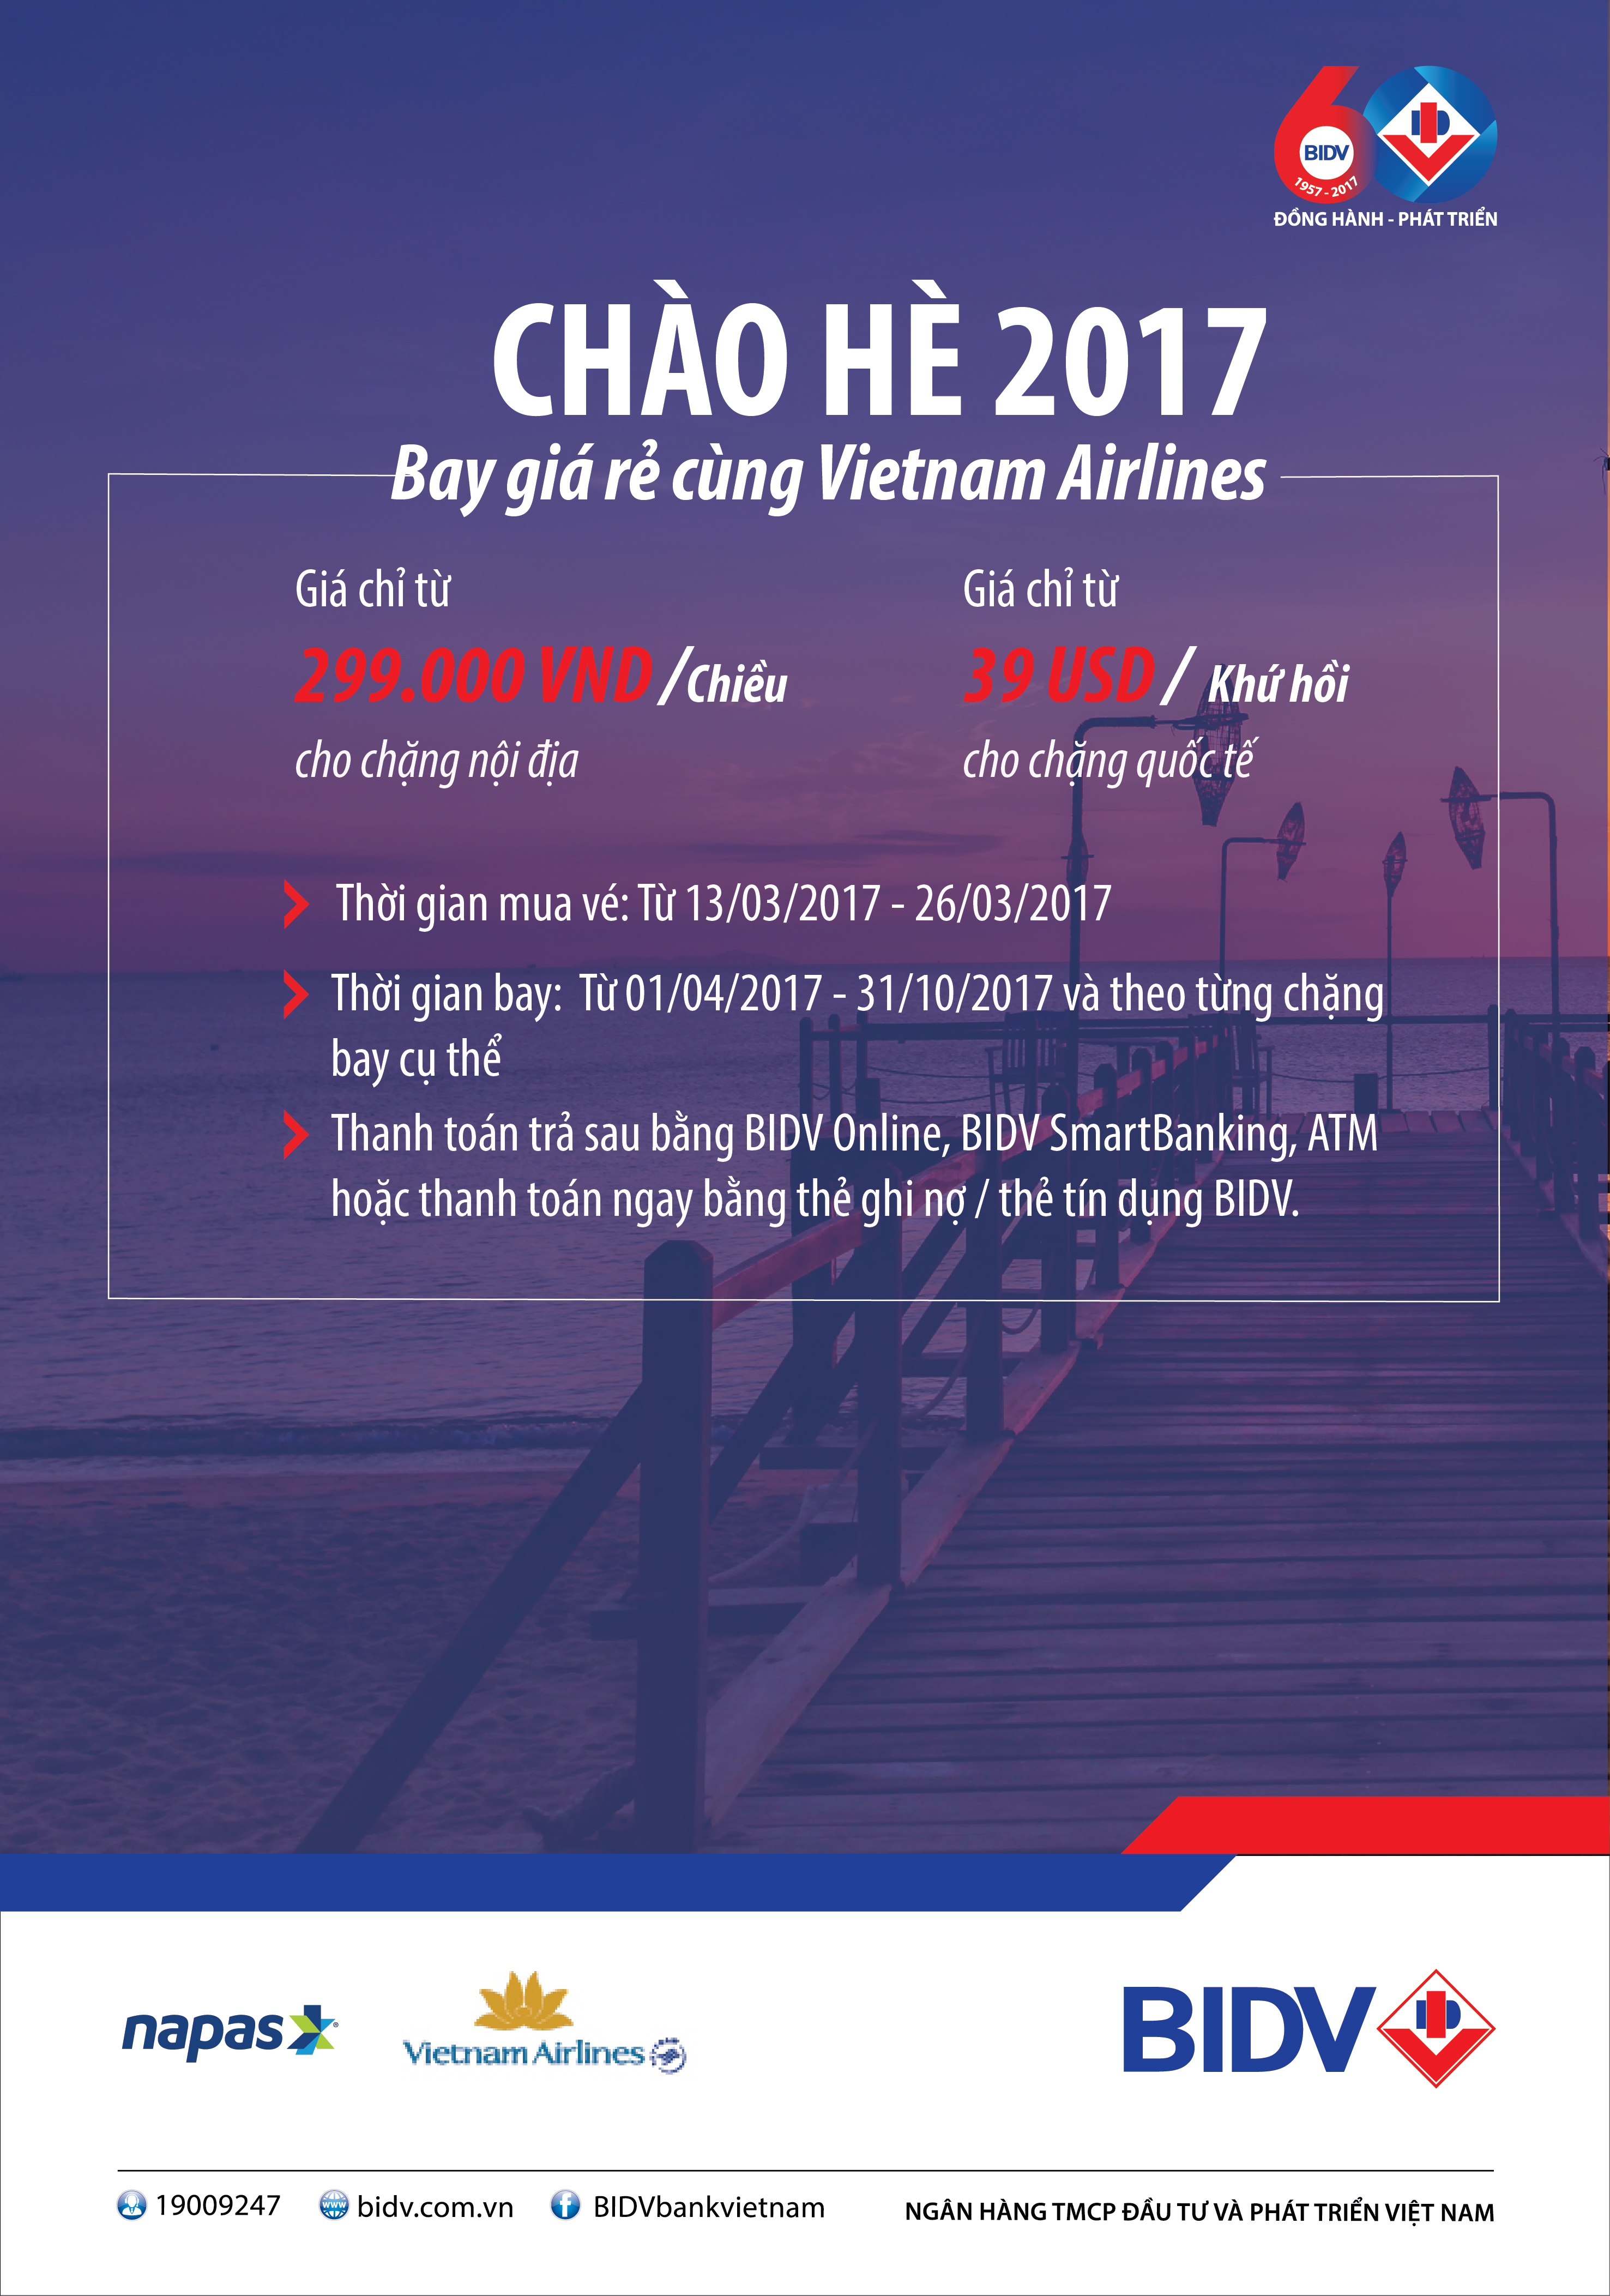 BIDV: Chào hè 2017 - Bay giá rẻ cùng Vietnam Airlines